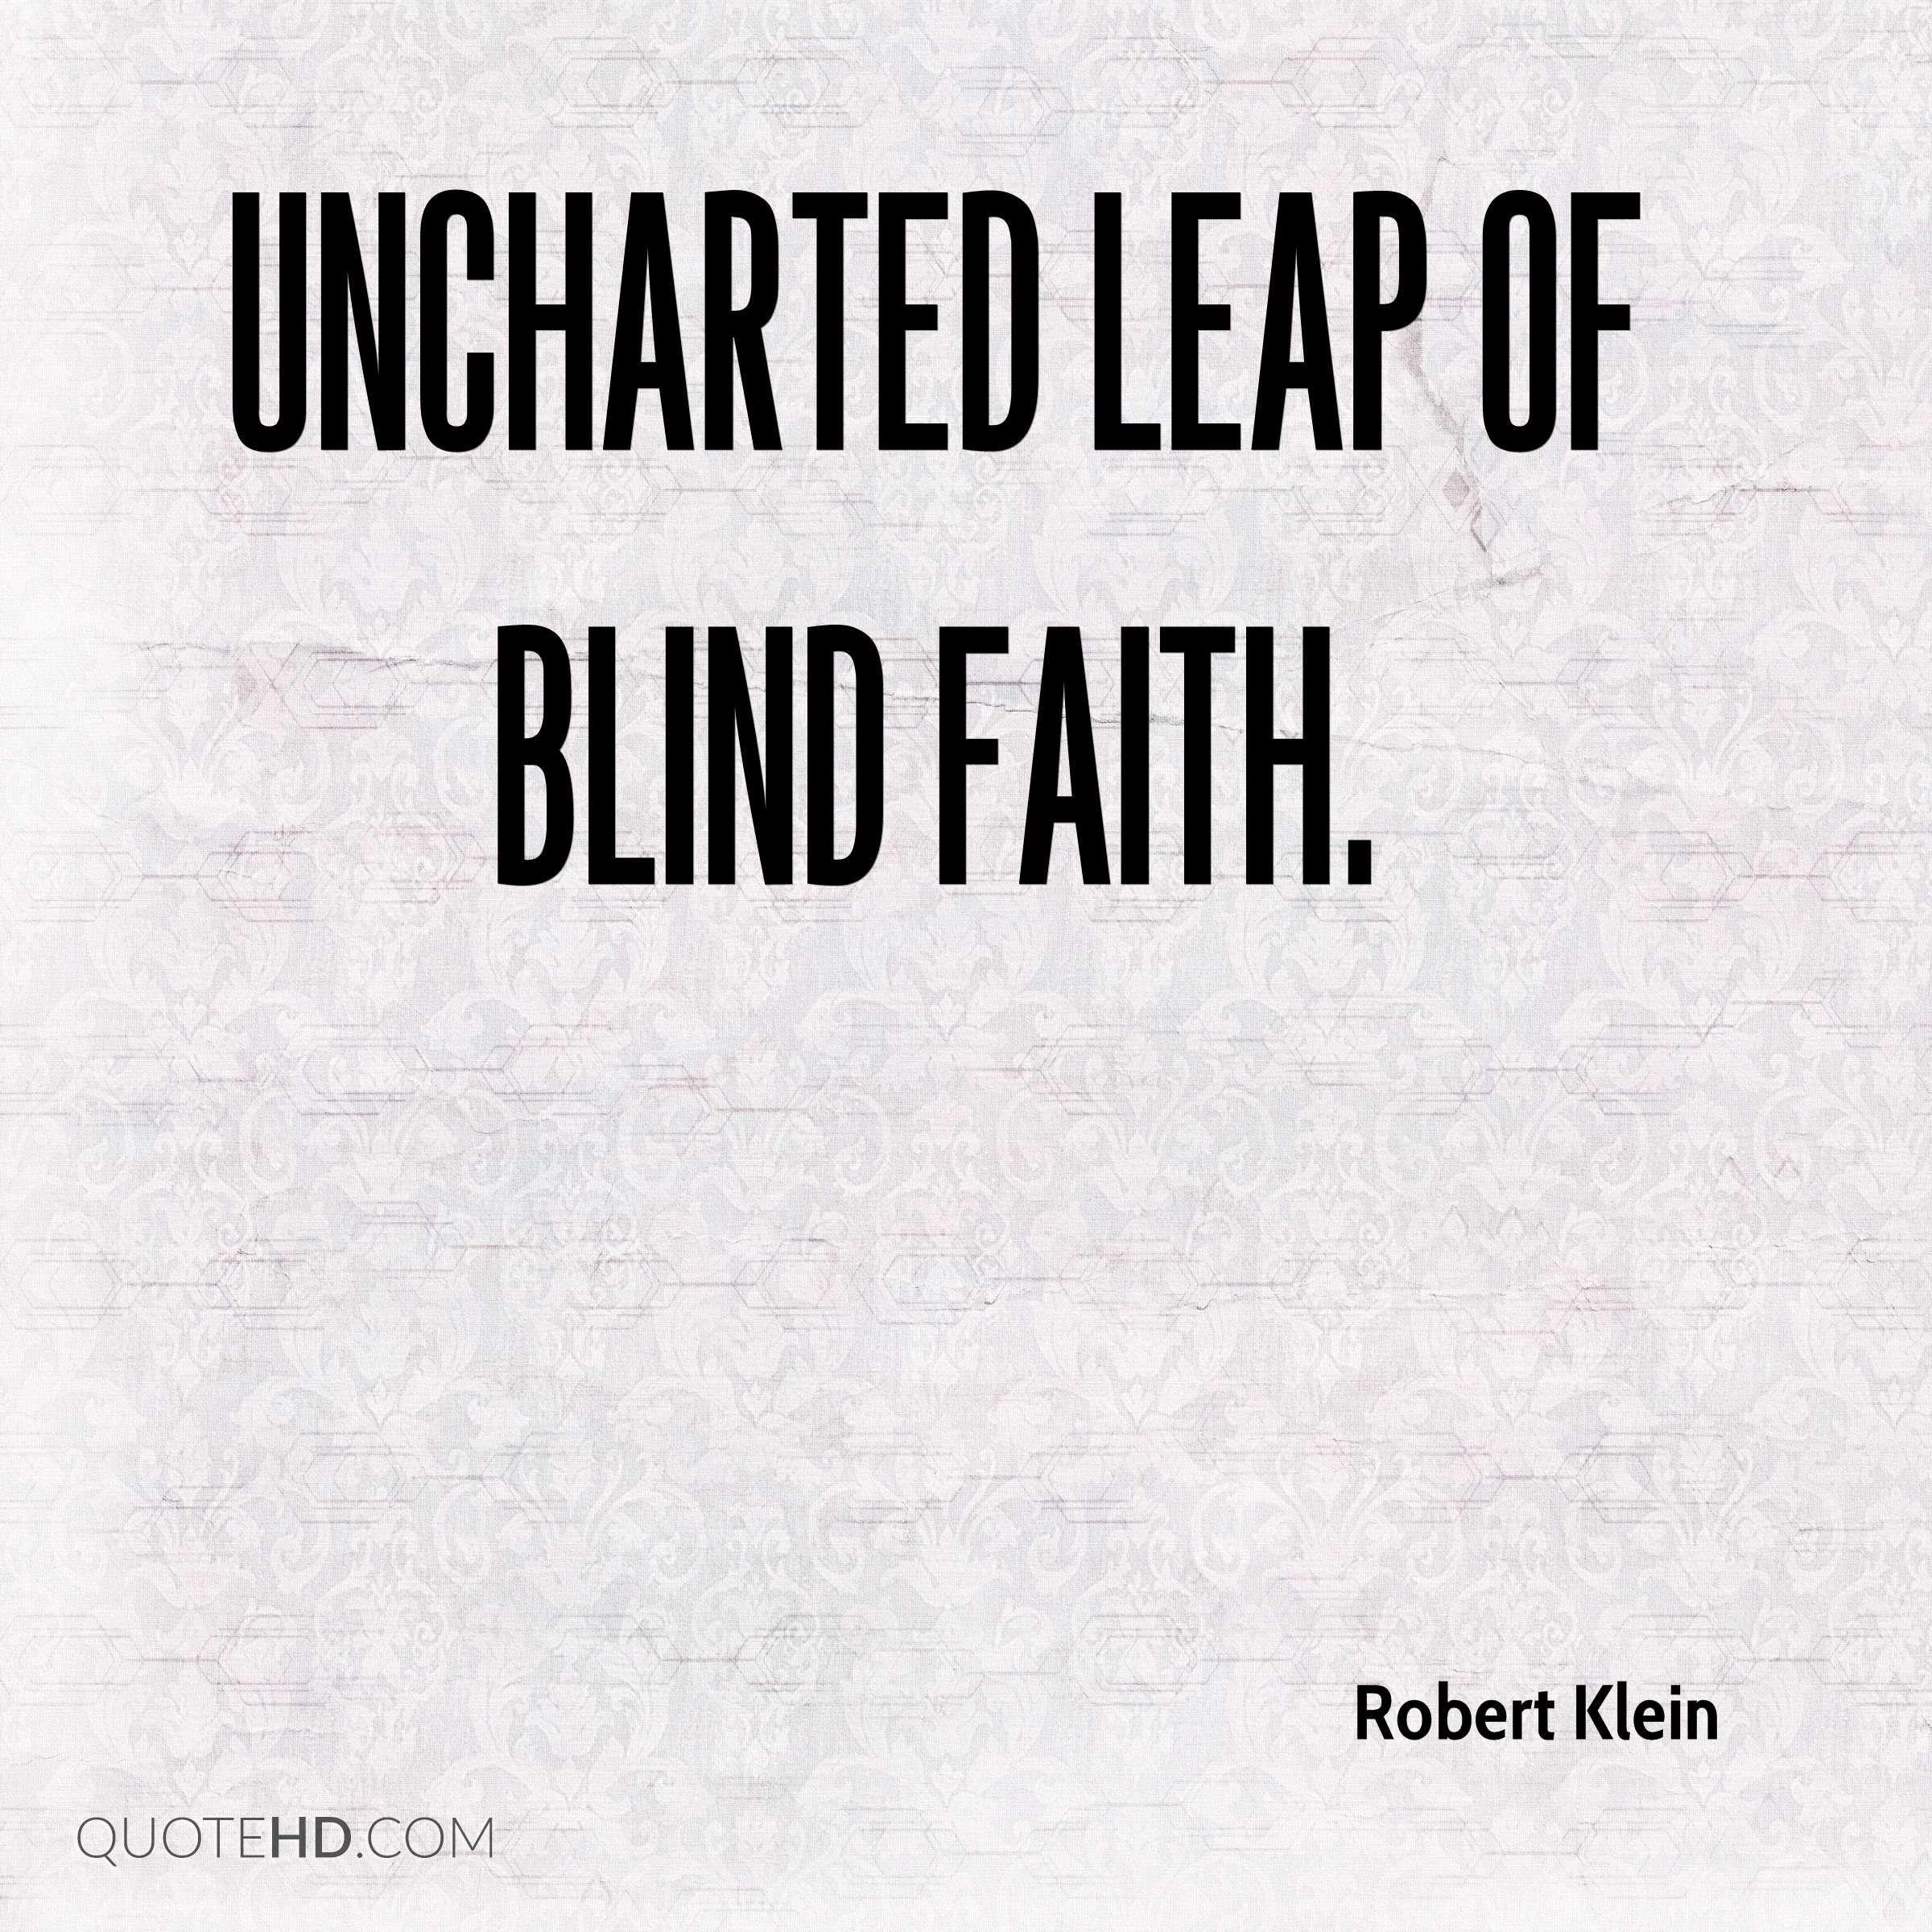 Uncharted leap of blind faith